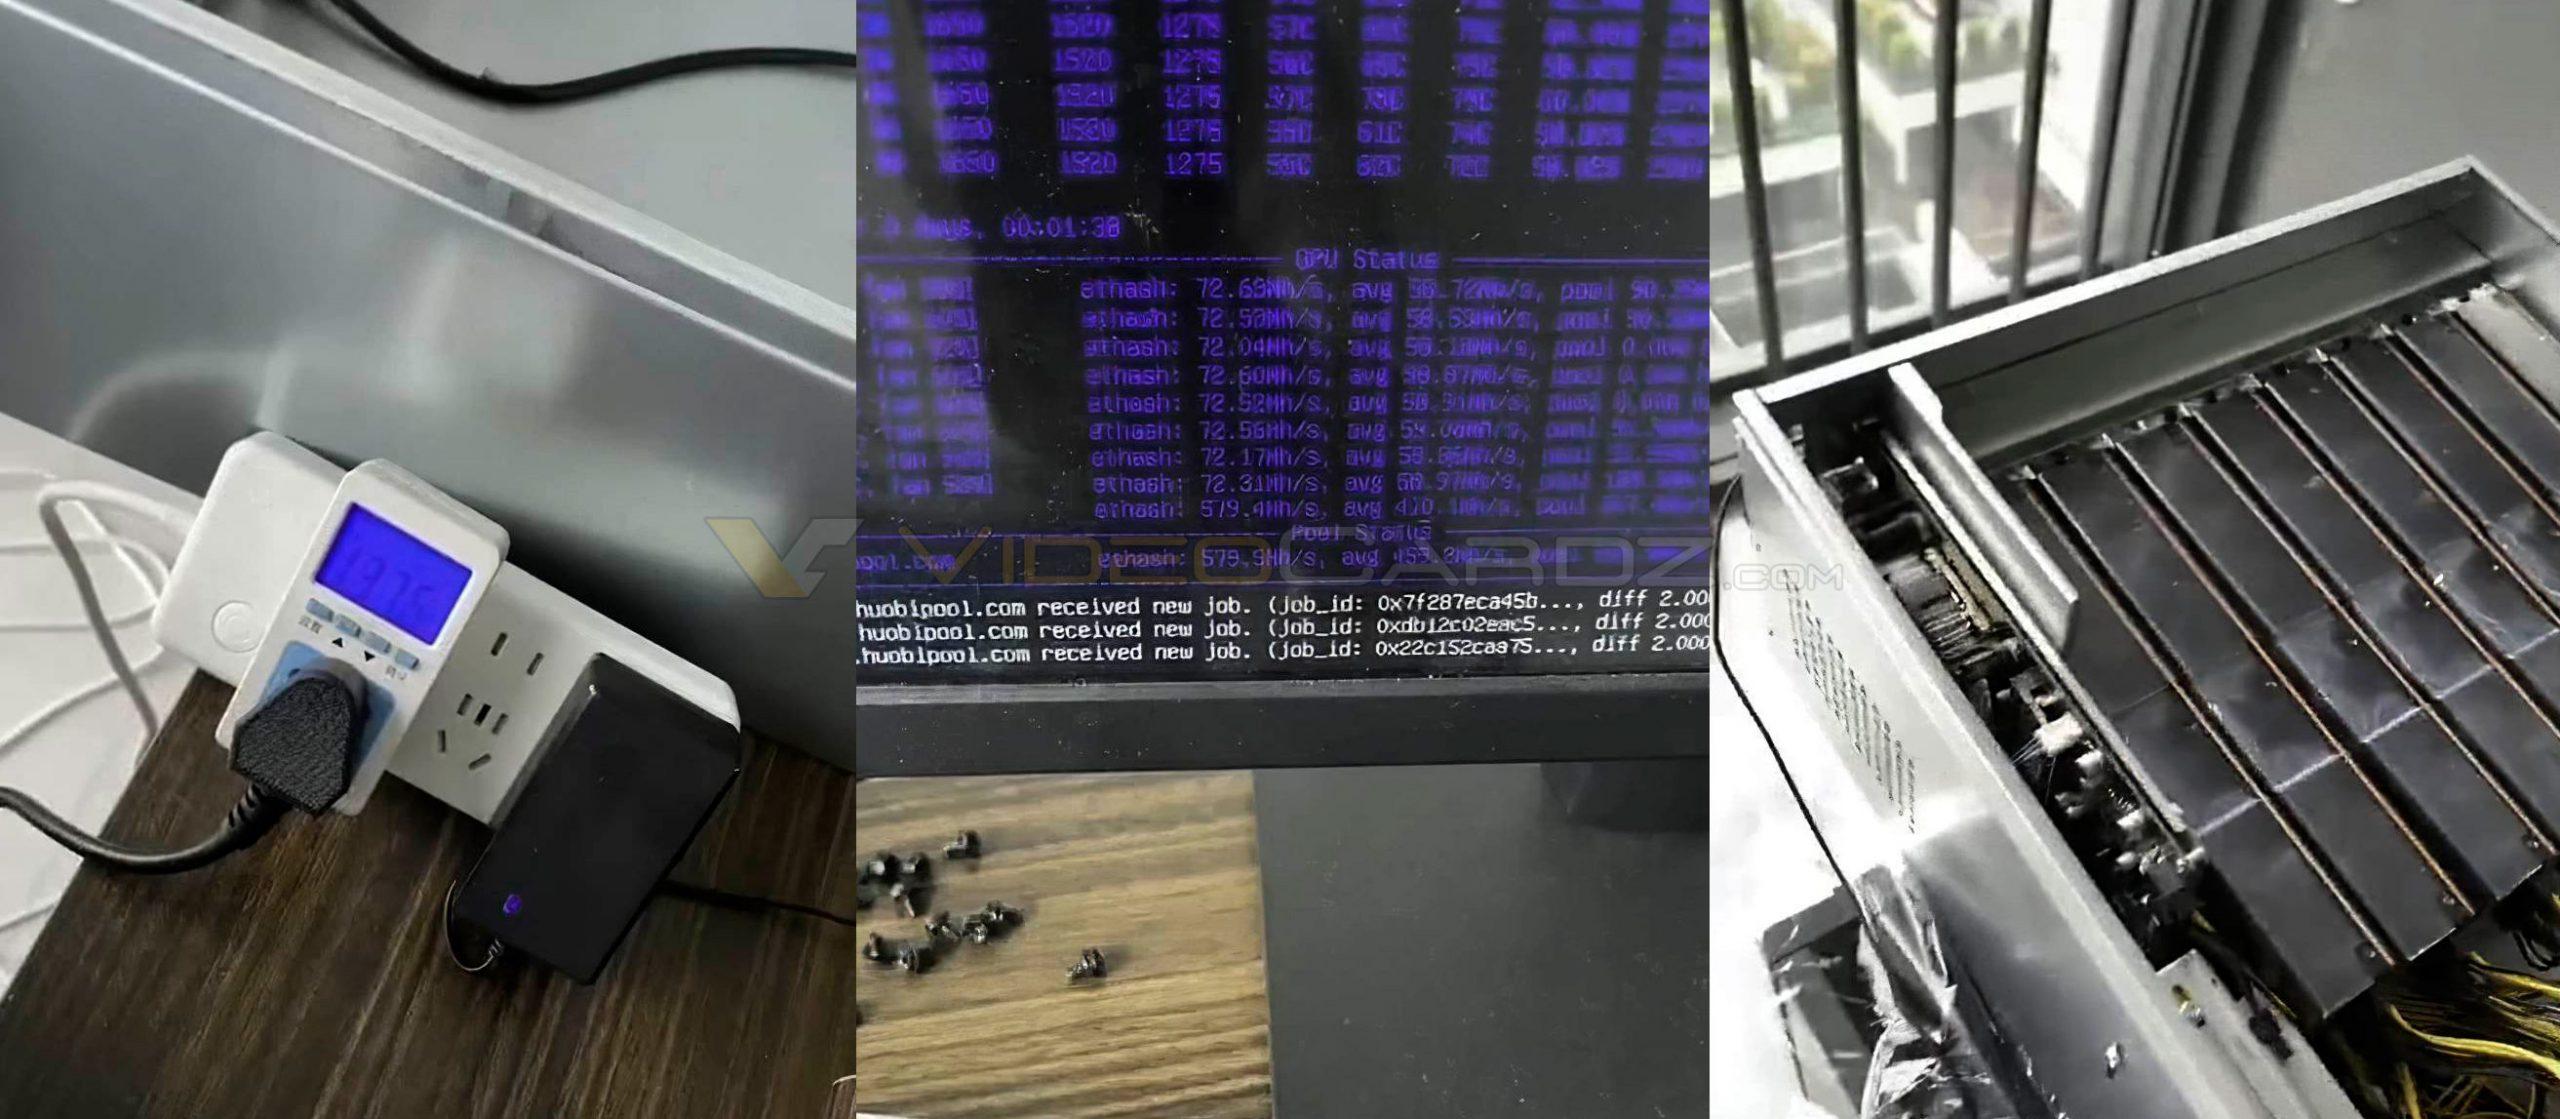 AMD BC-160 – видеокарта для майнинга с хешрейтом 72 MH/s «на эфире»